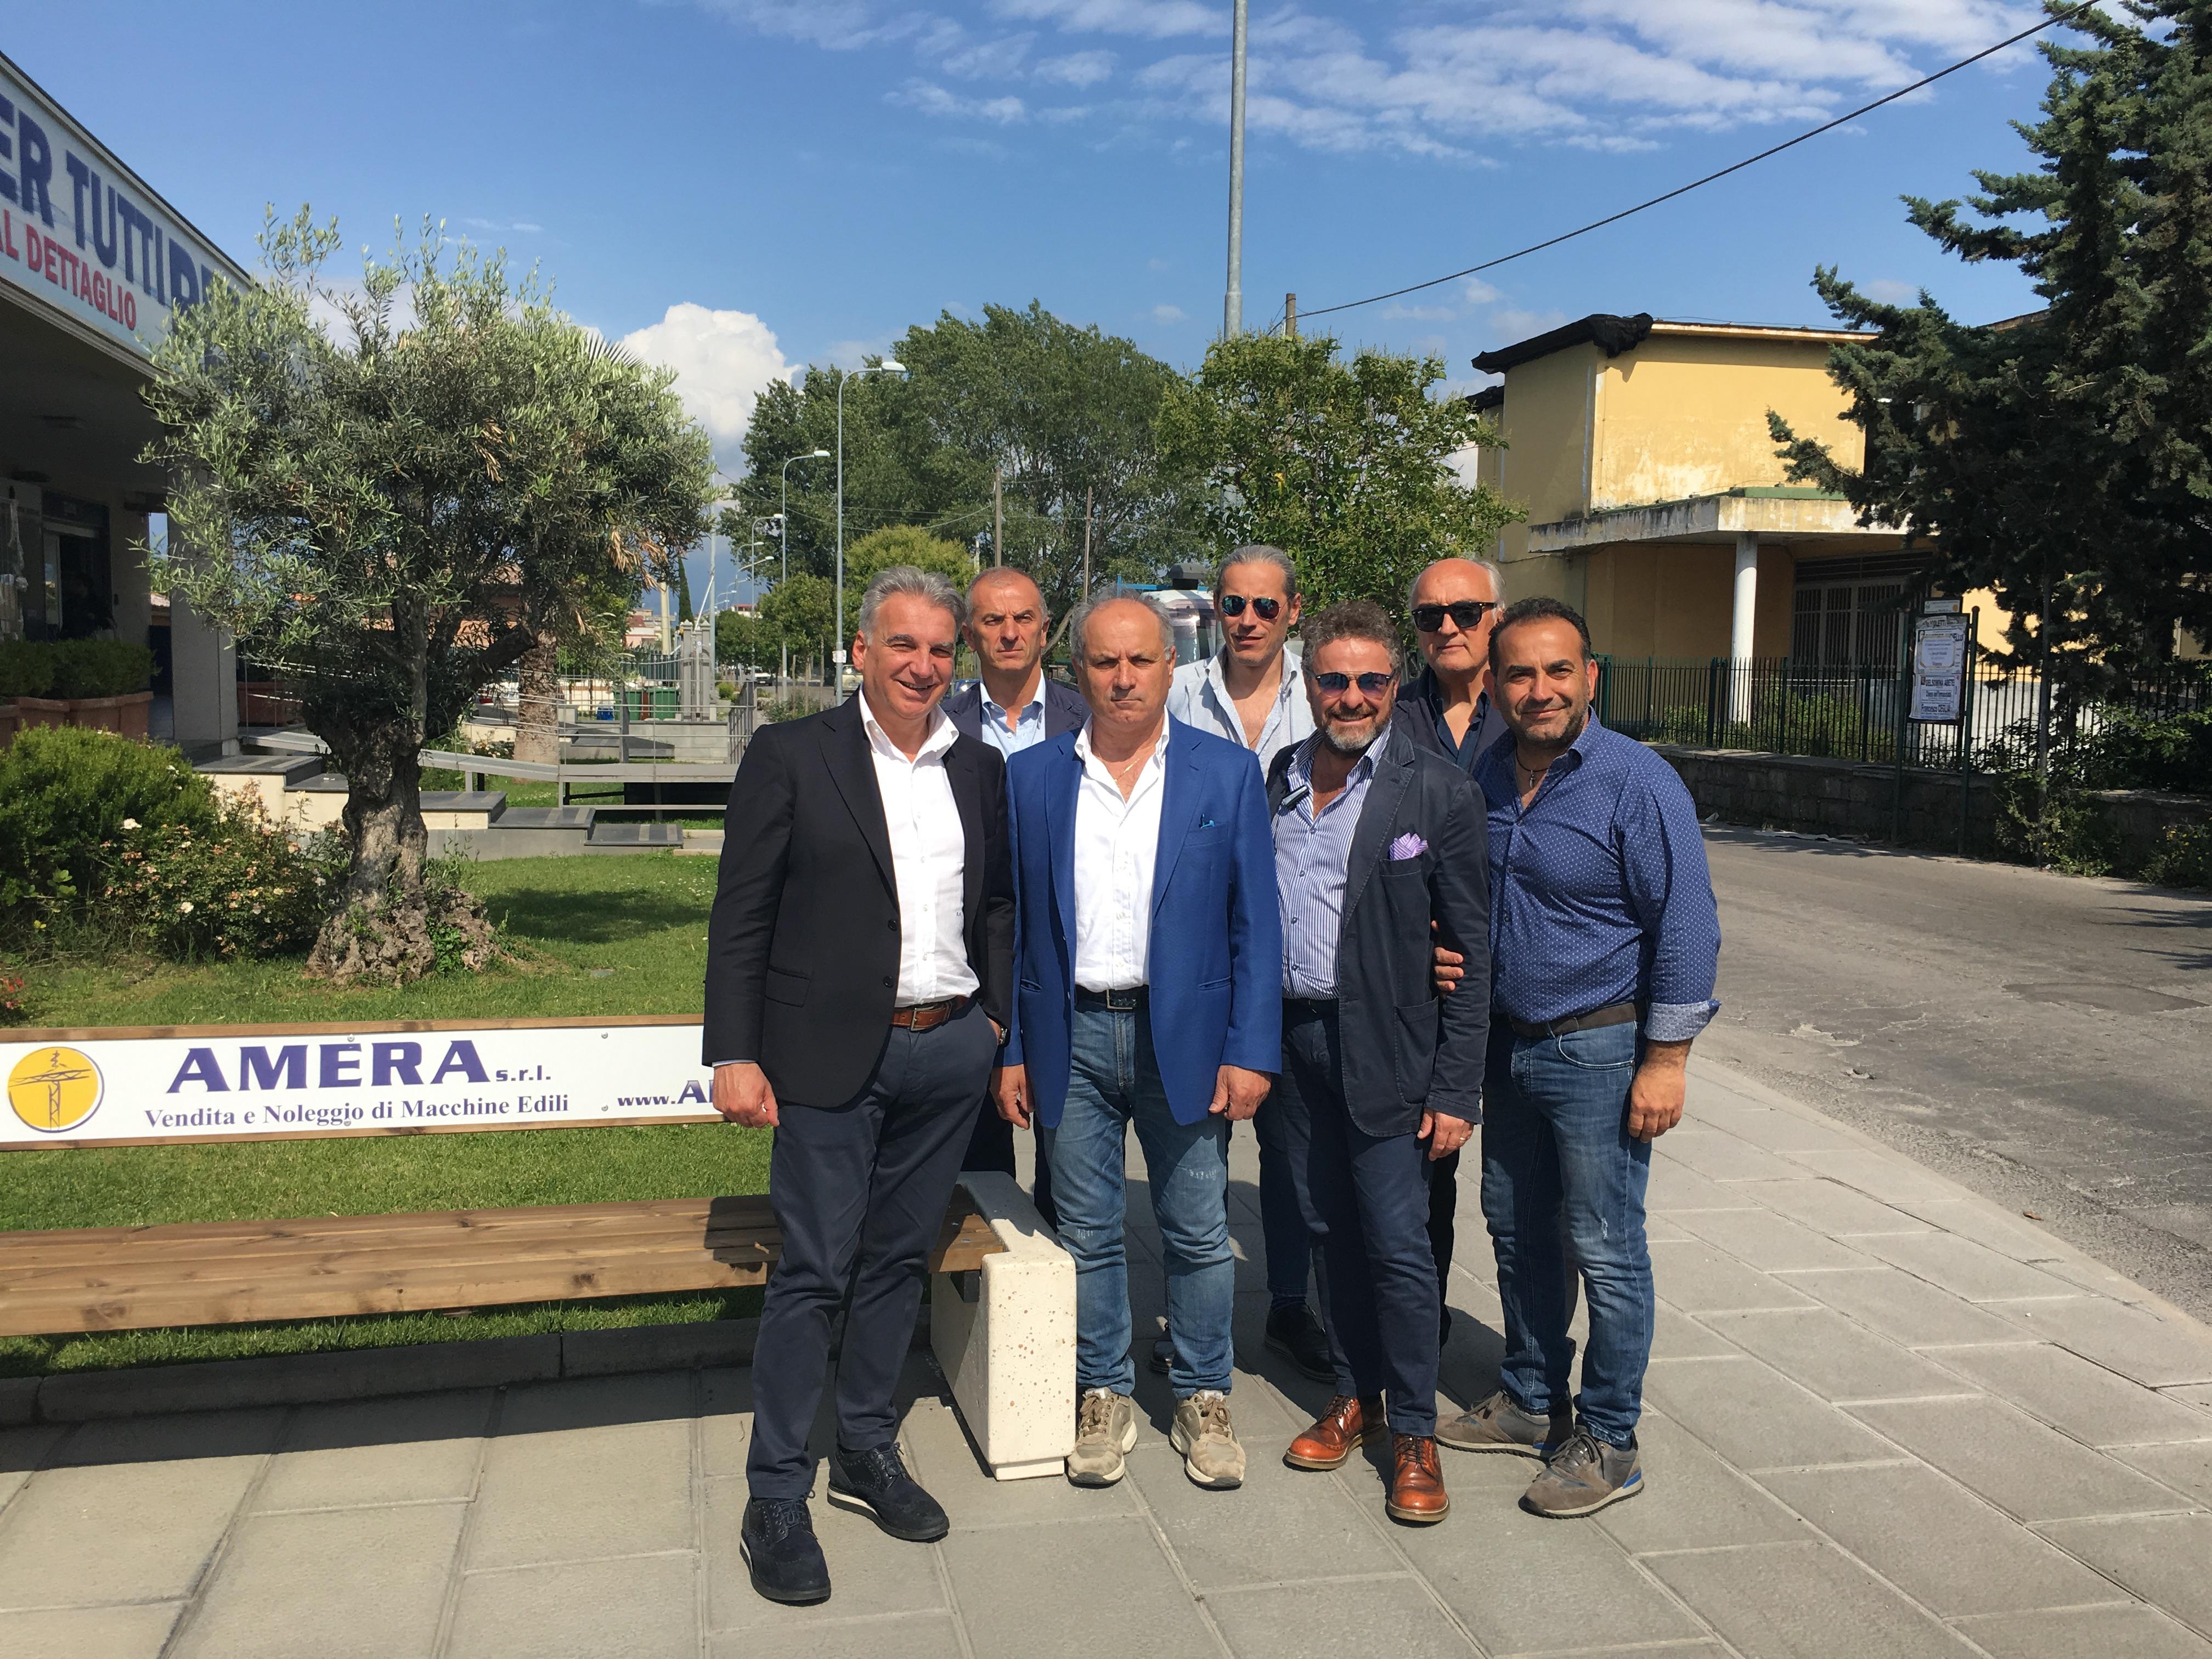 A Sant'Anastasia approvato il regolamento per le sponsorizzazioni: in arrivo le panchine coi marchi degli sponsor